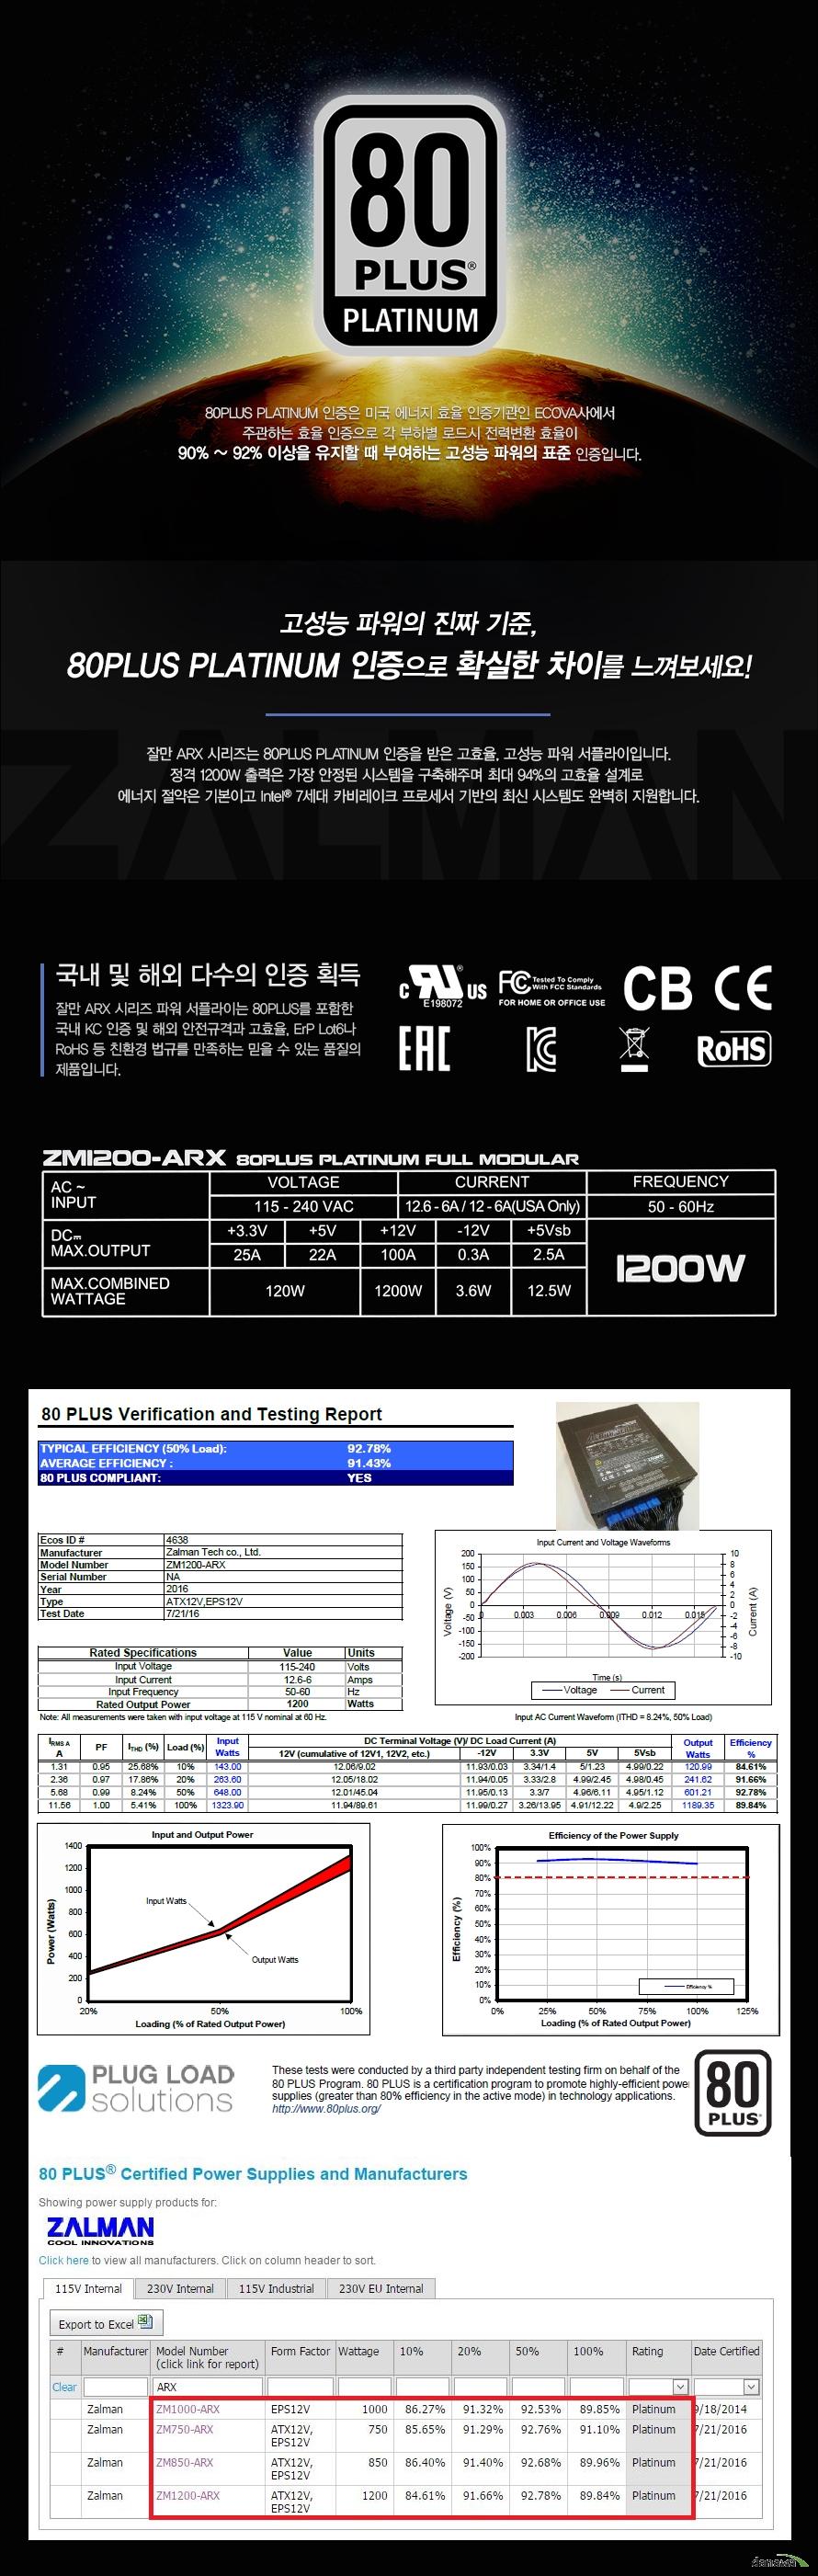 80플러스 플래티넘80PLUS PLATINUM 인증은 미국 에너지 효율 인증기관인 ECOVA사에서주관하는 효율 인증으로 각 부하별 로드시 전력변환 효율이90% ~ 92% 이상을 유지할 때 부여하는 고성능 파워의 표준 인증입니다.고성능 파워의 진짜 기준,80PLUS PLATINUM 인증으로 확실한 차이를 느껴보세요!잘만 ARX 시리즈는 80PLUS PLATINUM 인증을 받은 고효율, 고성능 파워 서플라이입니다.정격 1200W 출력은 가장 안정된 시스템을 구축해주며 최대 94%의 고효율 설계로 에너지 절약은 기본이고 Intel® 7세대 카비레이크 프로세서 기반의 최신 시스템도 완벽히 지원합니다.국내 및 해외 다수의 인증 획득잘만 ARX 시리즈 파워 서플라이는 80PLUS를 포함한국내 KC 인증 및 해외 안전규격과 고효율, ErP Lot6나RoHS 등 친환경 법규를 만족하는 믿을 수 있는 품질의 제품입니다.